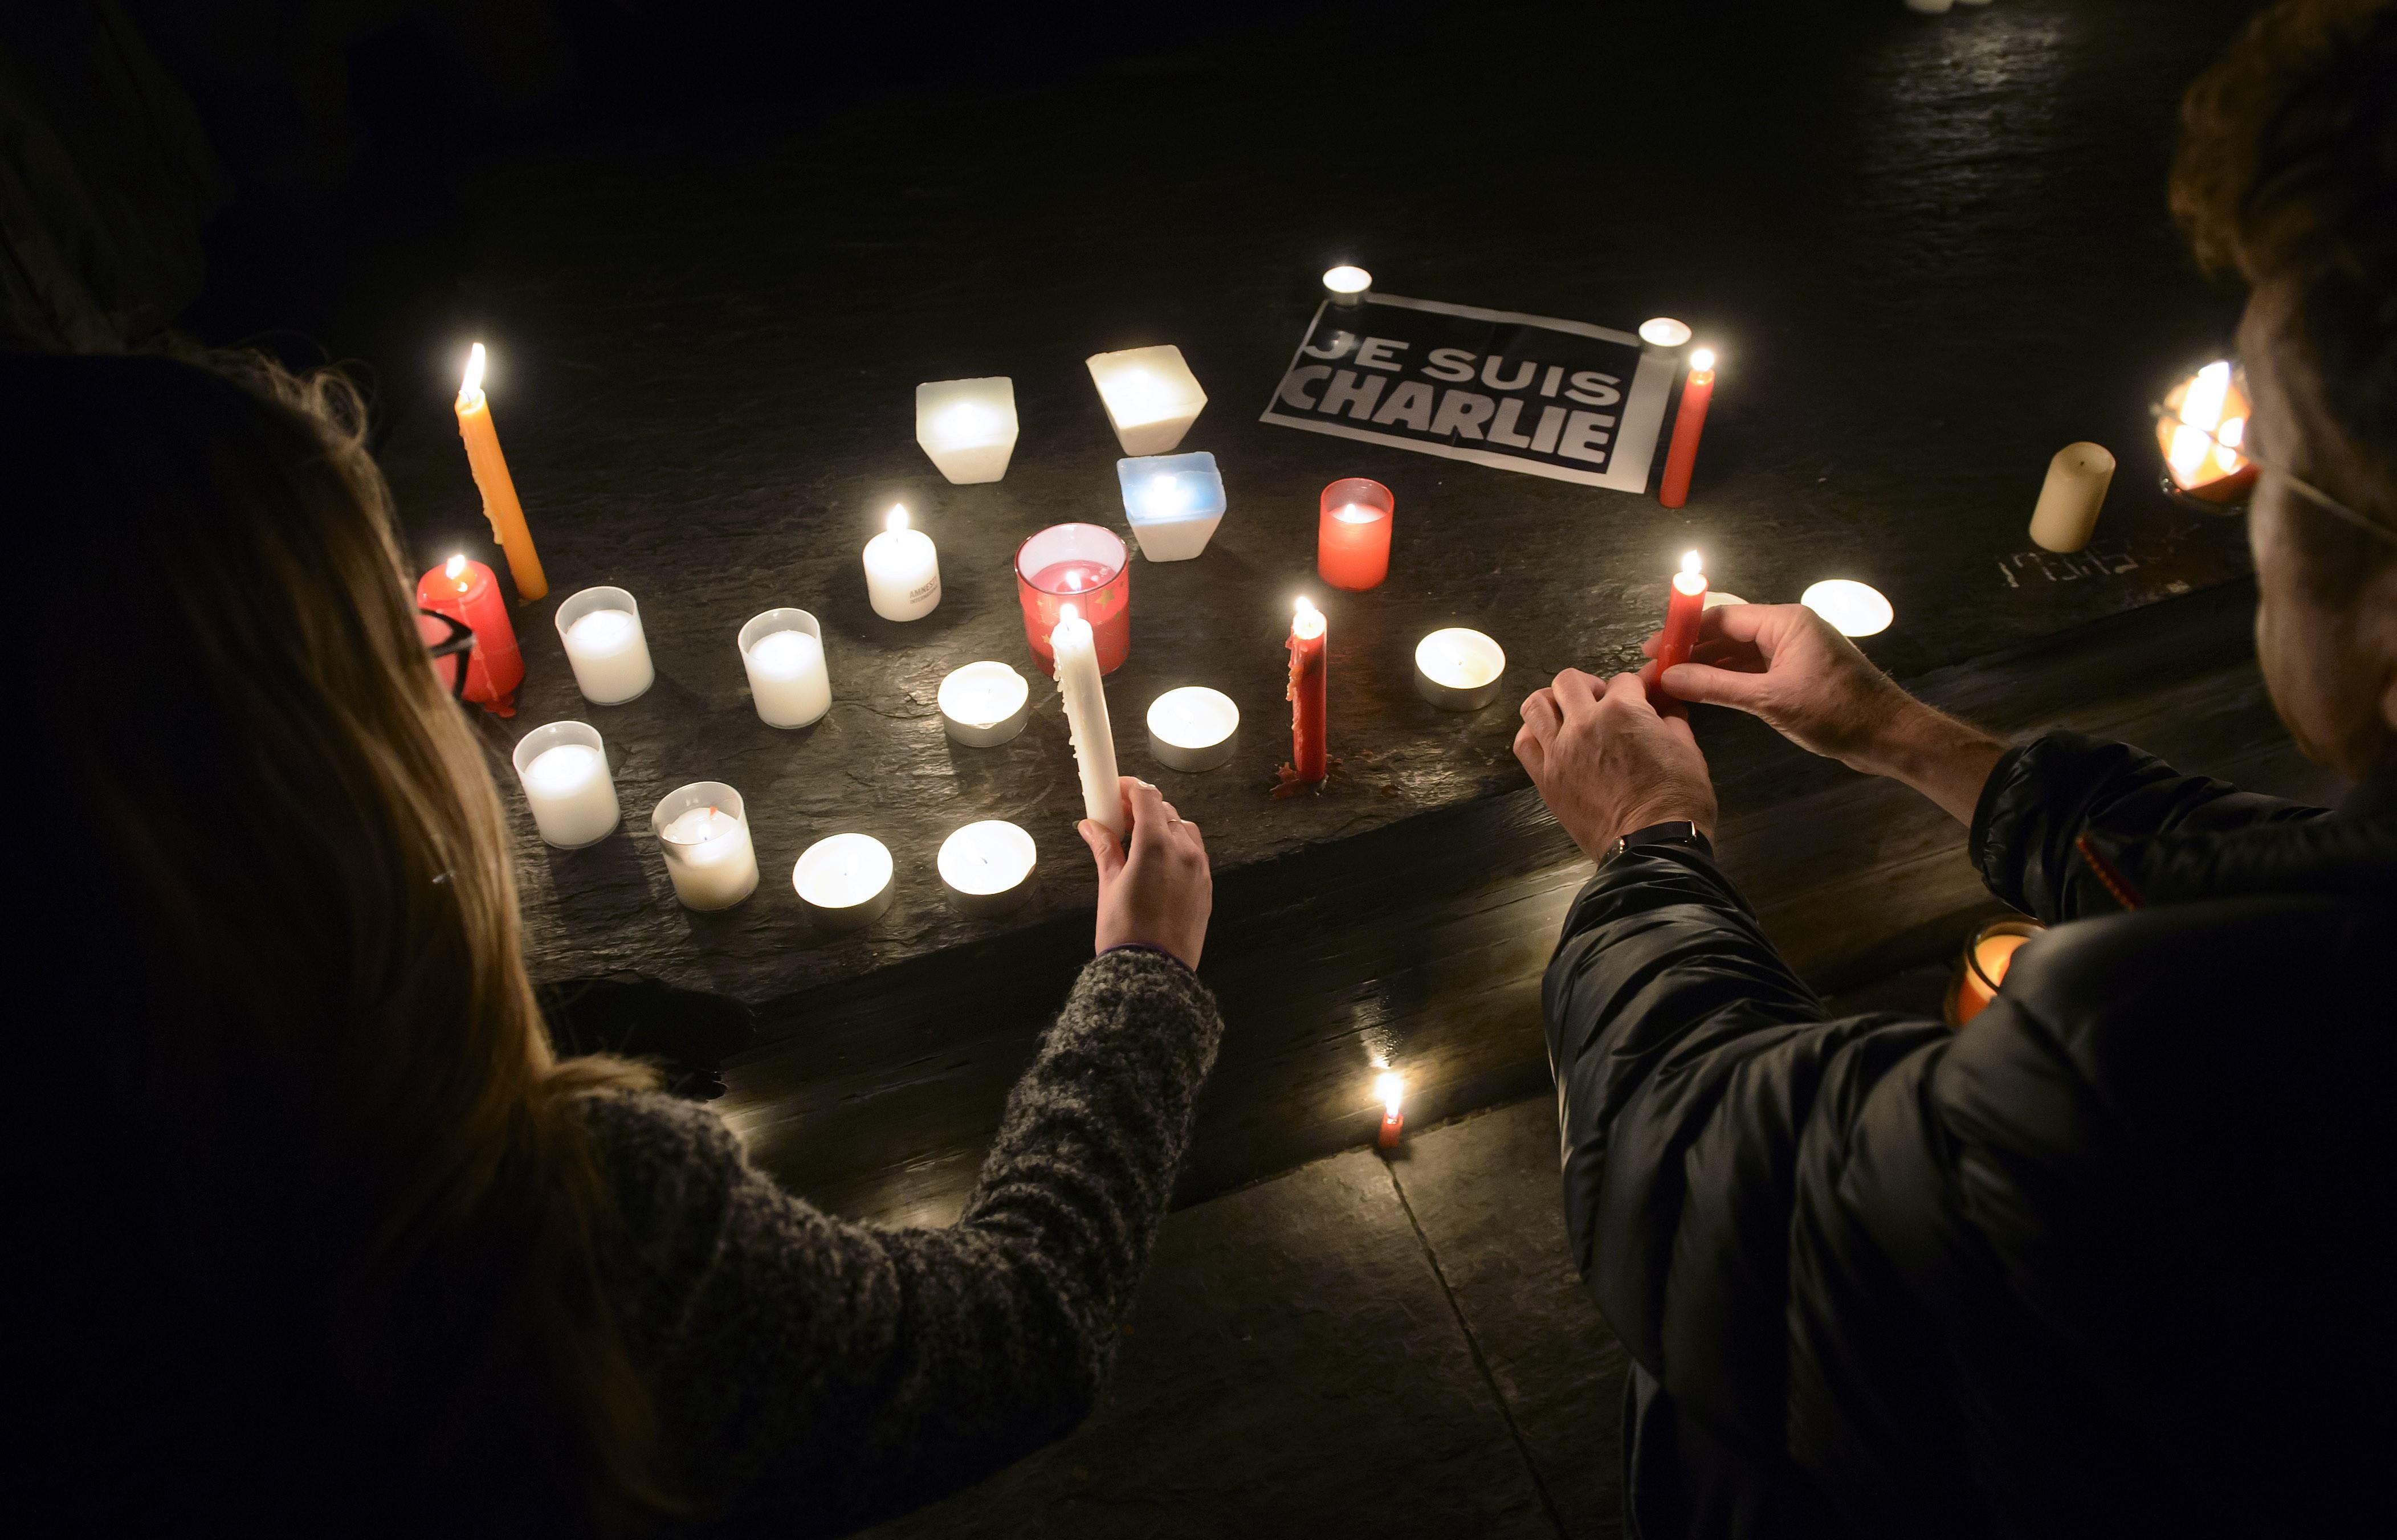 ВБельгии иФранции прошли задержания поделу отеракте вредакции журнала Charlie Hebdo